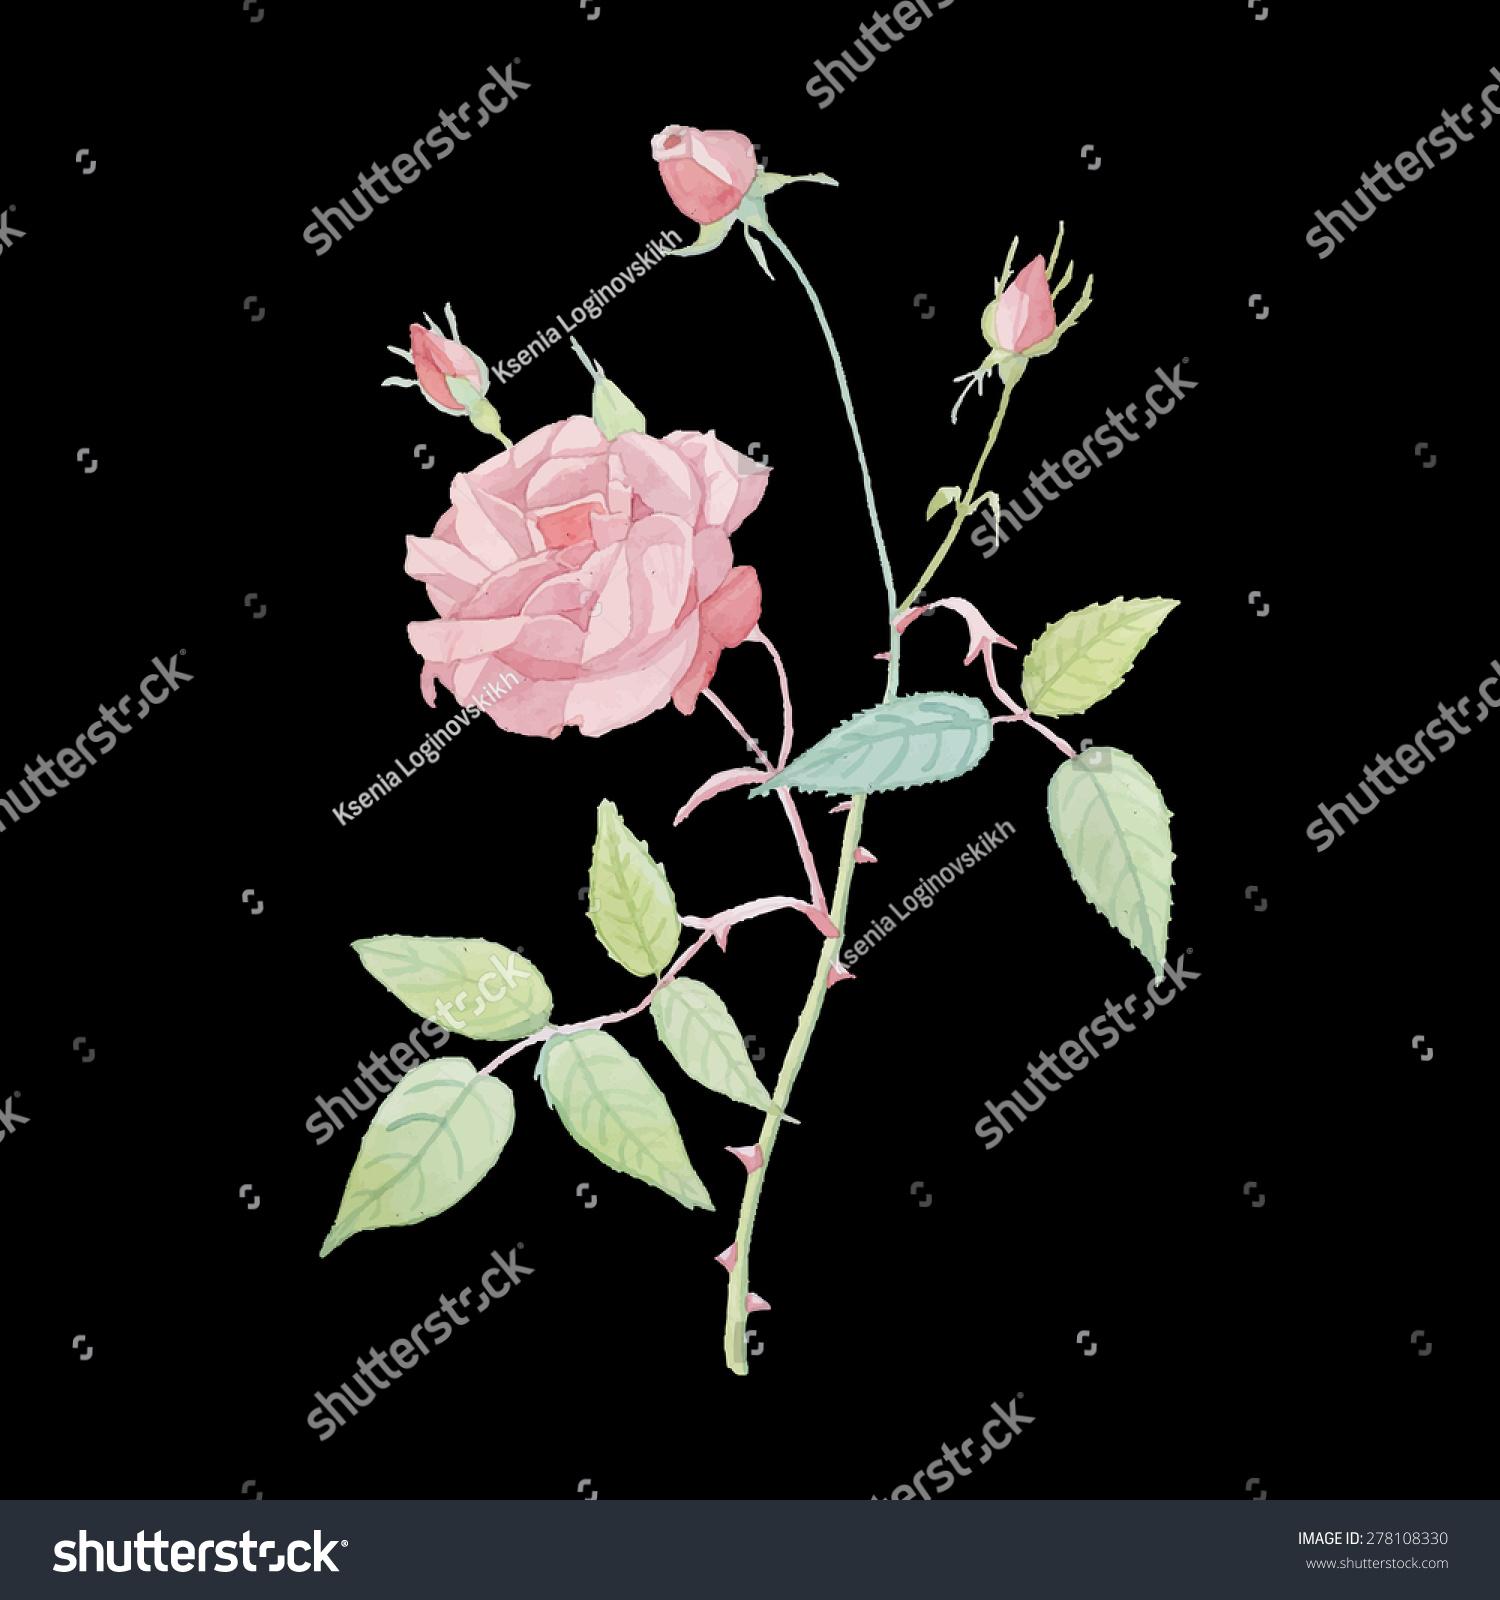 水彩画色彩鲜艳的玫瑰花朵图案